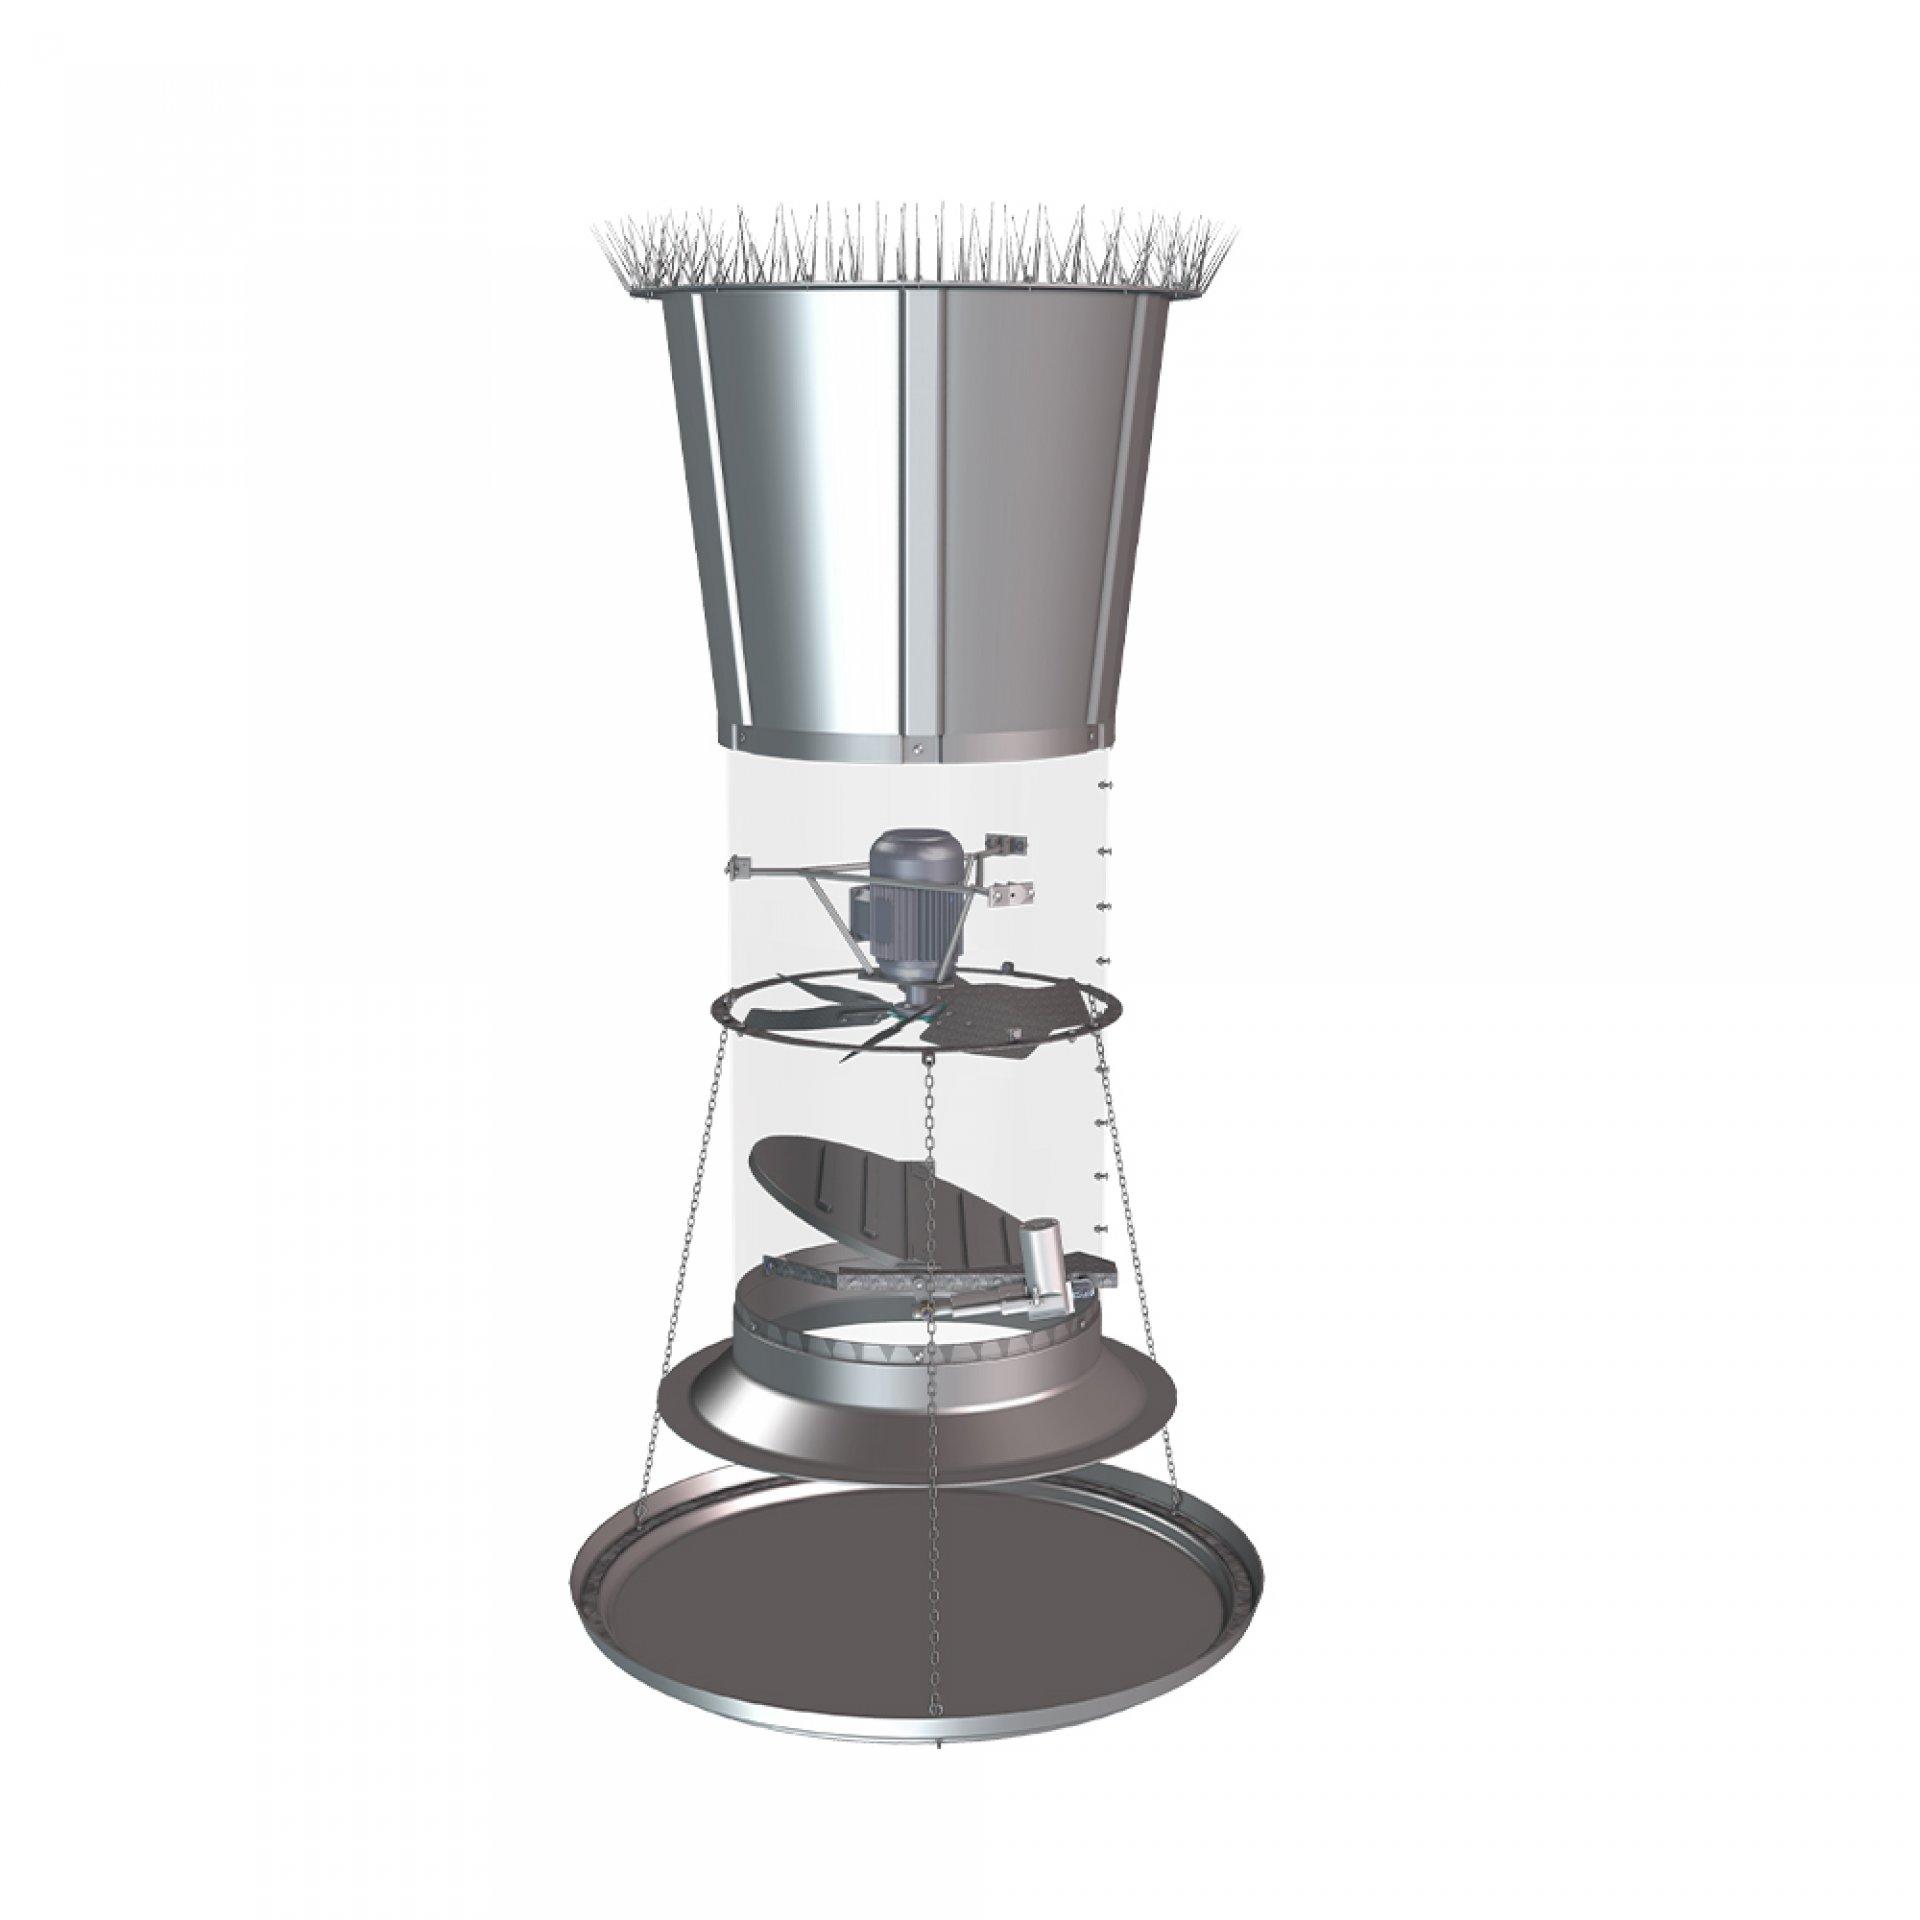 chimney-fan